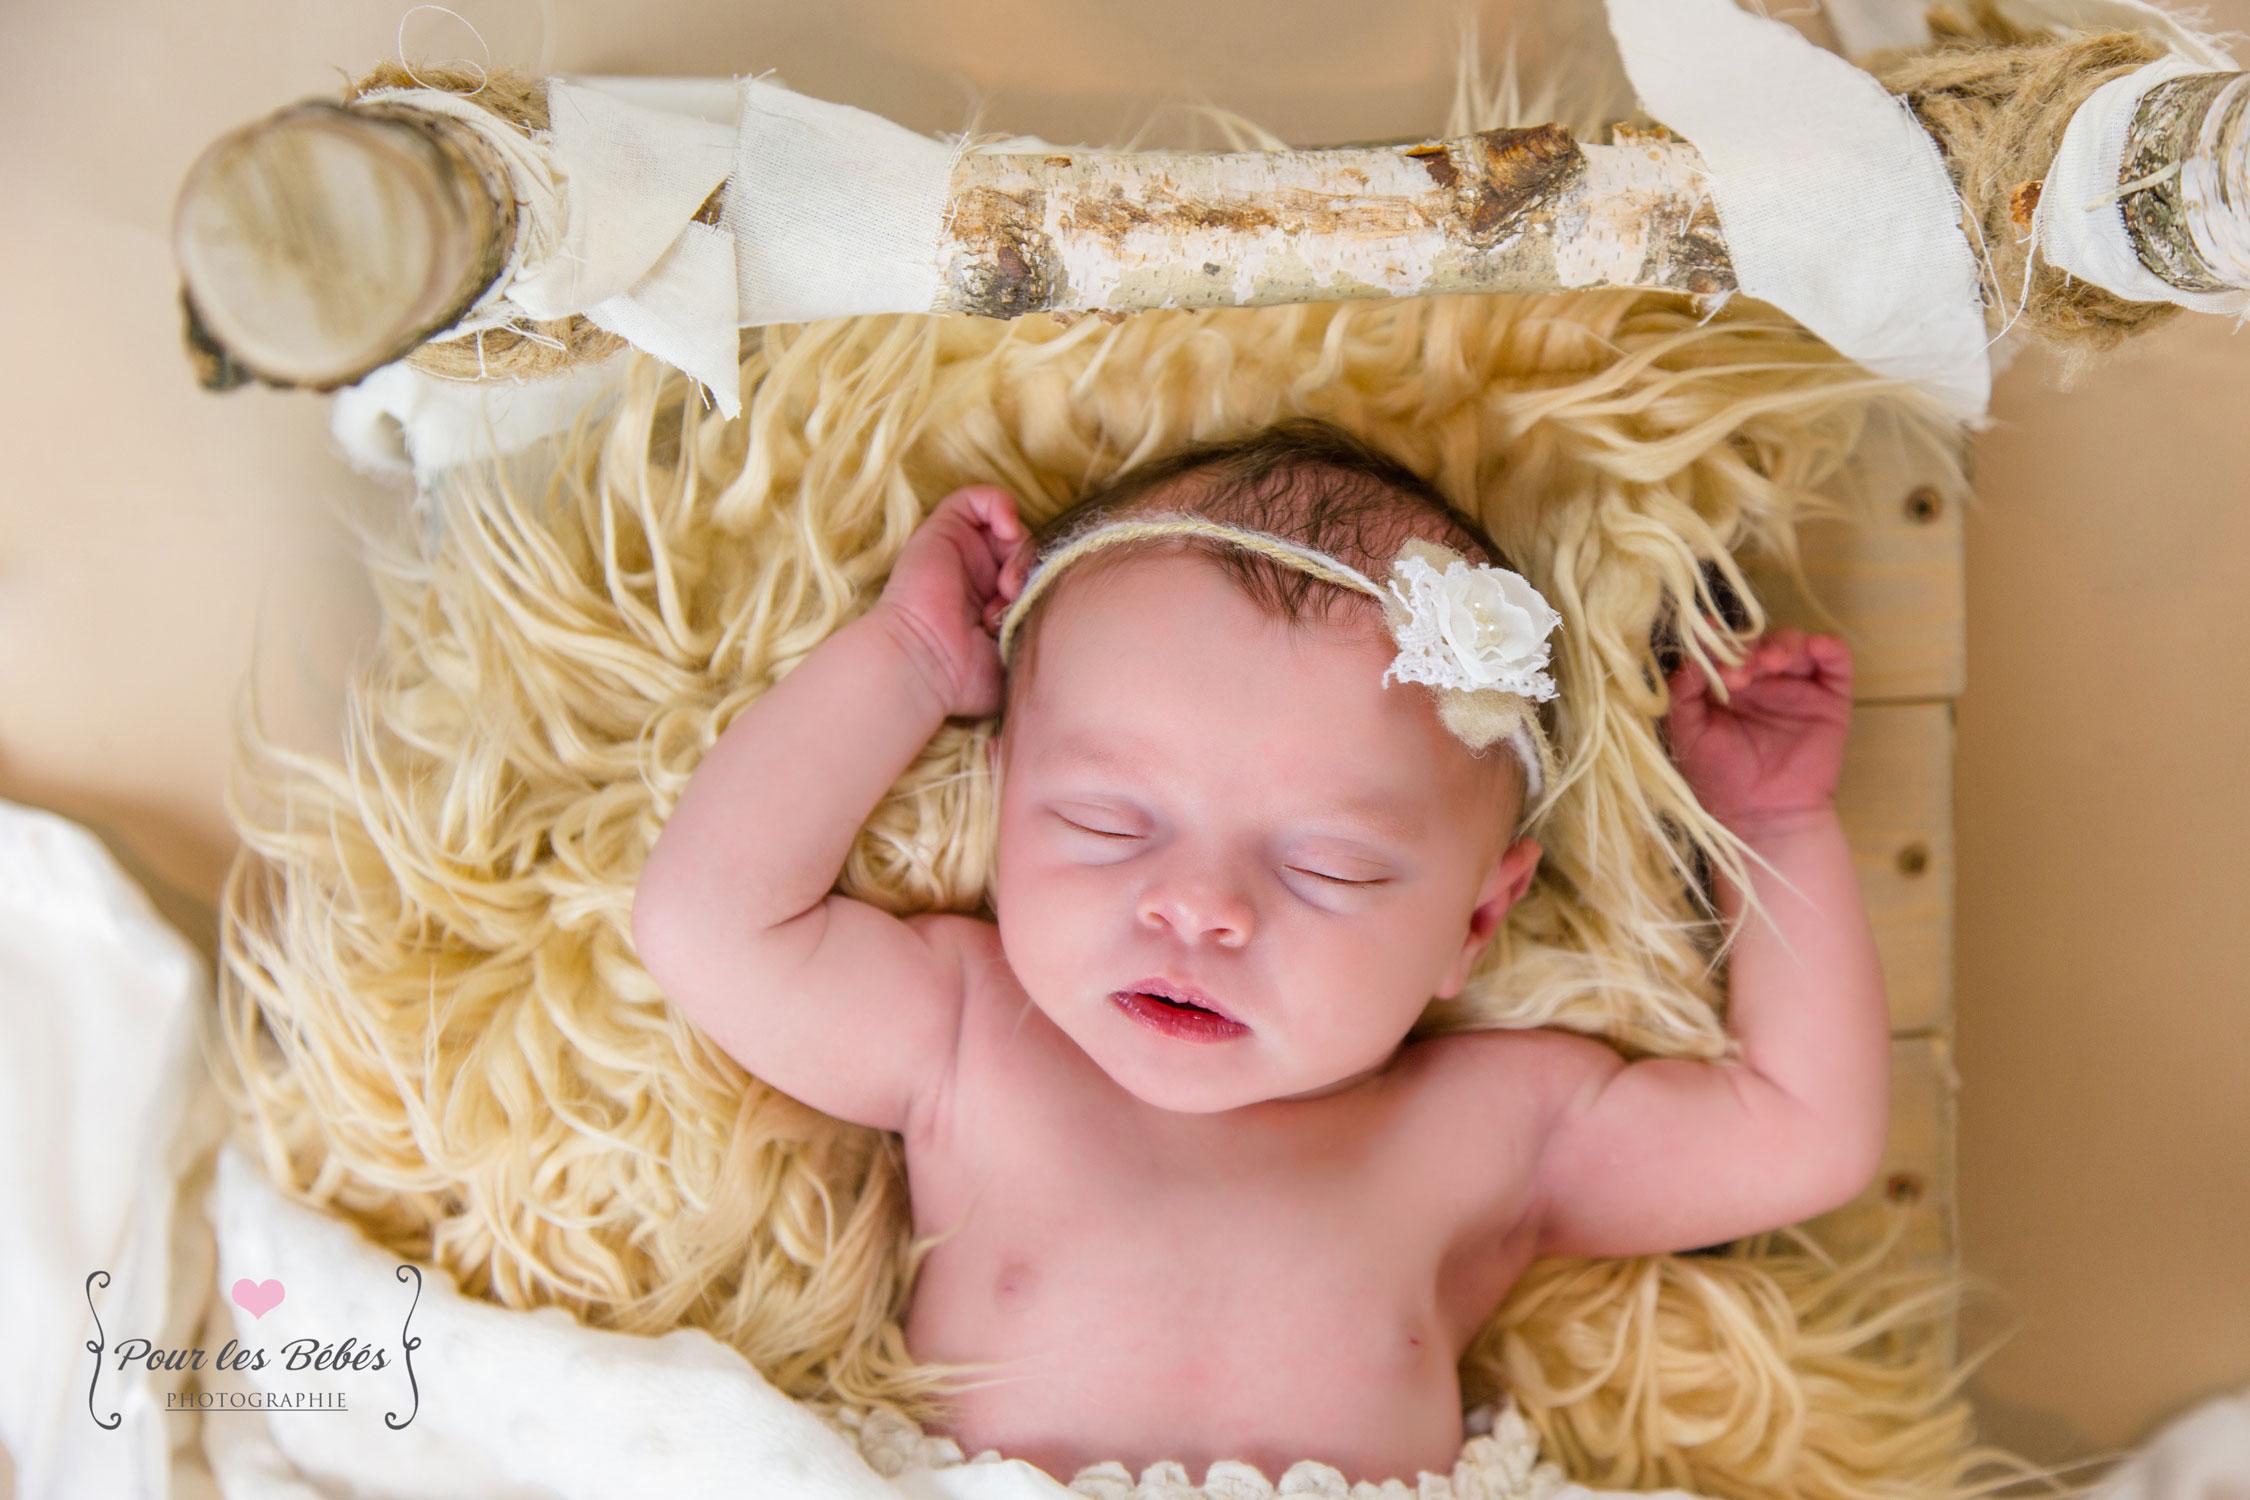 photographe-studio-nouveau-né-famille-enfance-bébé-nourrisson-grossesse-montpellier-nimes-lunel-mauguio-sommières-245